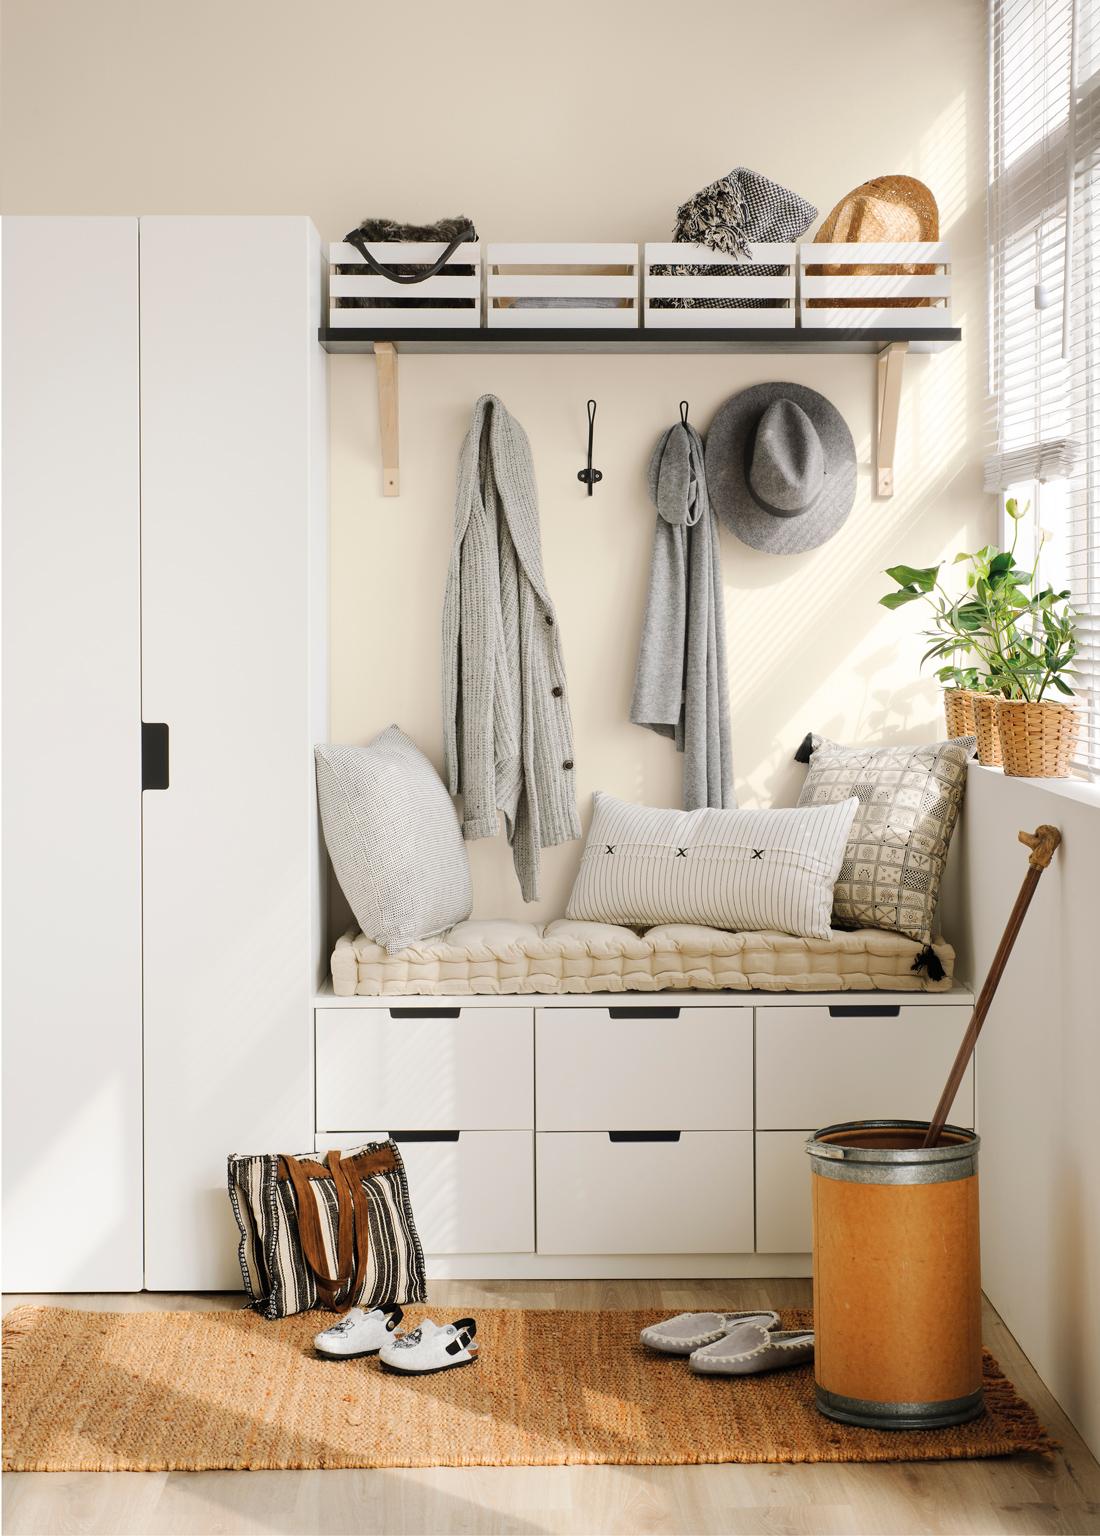 Los Estantes De Pared Y Estantes Flotantes De Dise O De El Mueble # Mueble Toallero Ikea